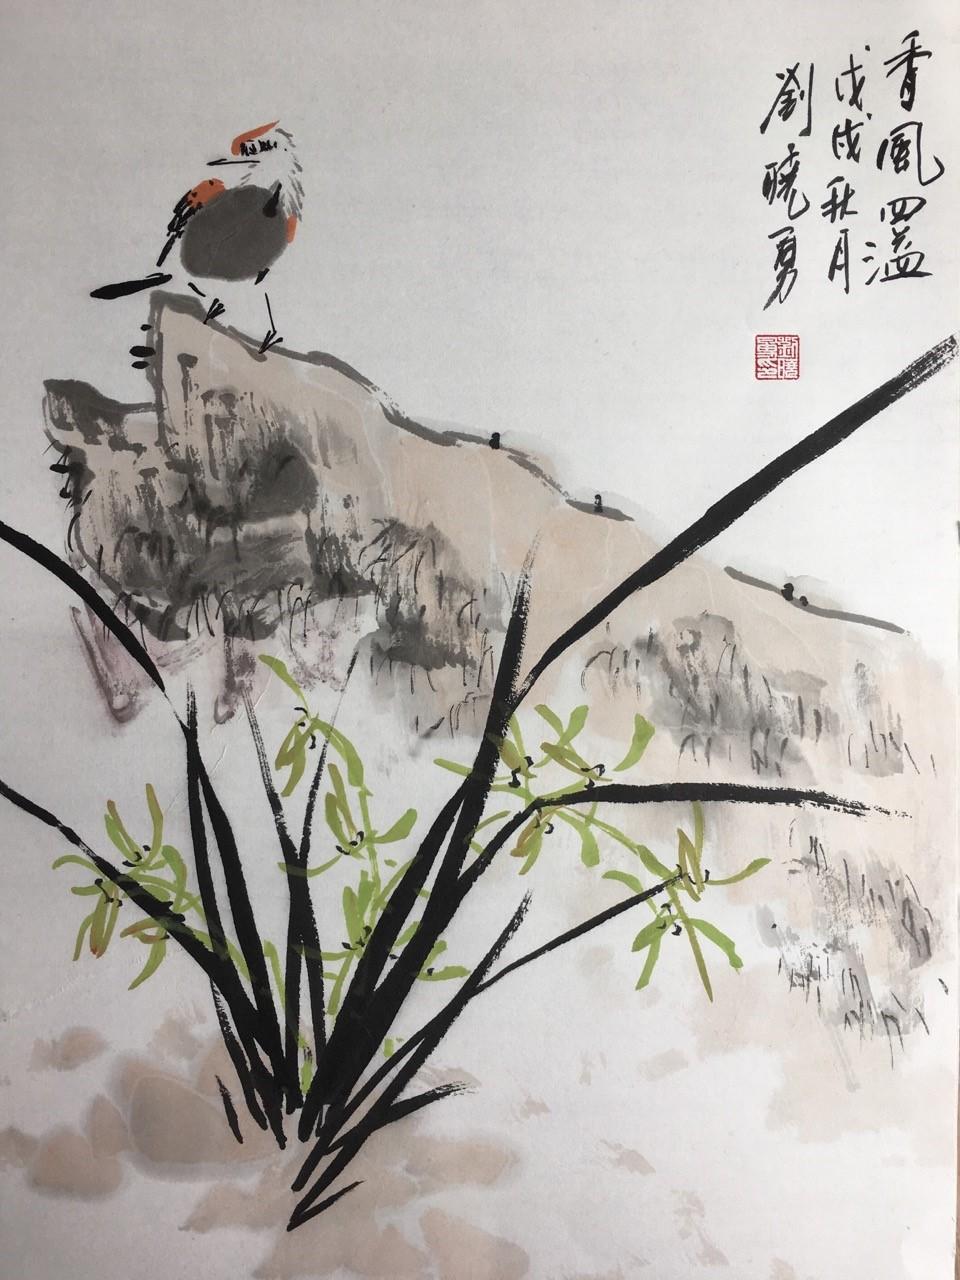 Artwork by Xiaoyong Liu